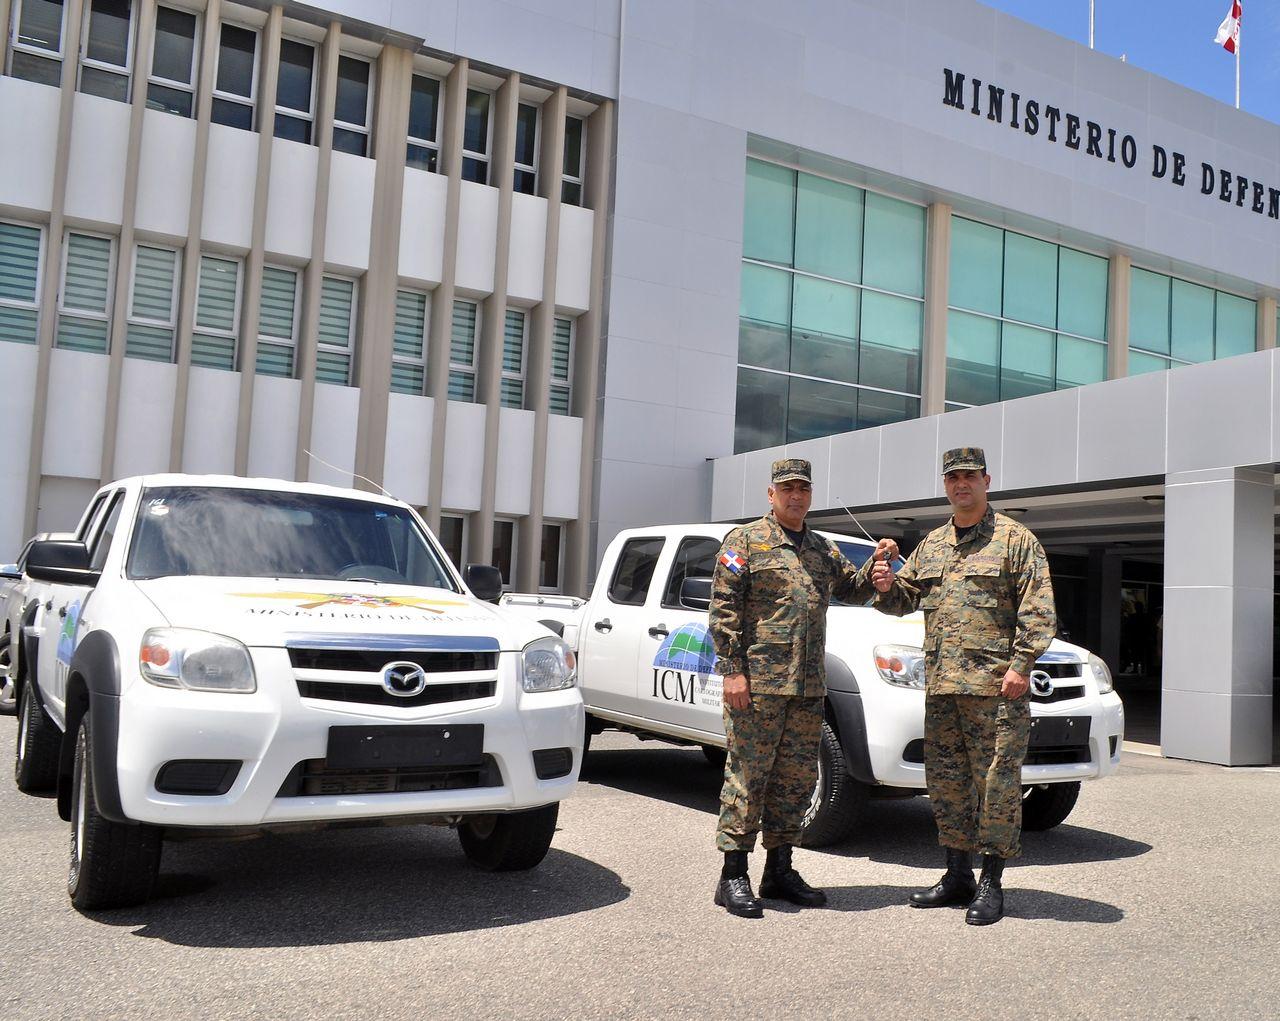 Ministro de Defensa entrega dos Camionetas al ICM